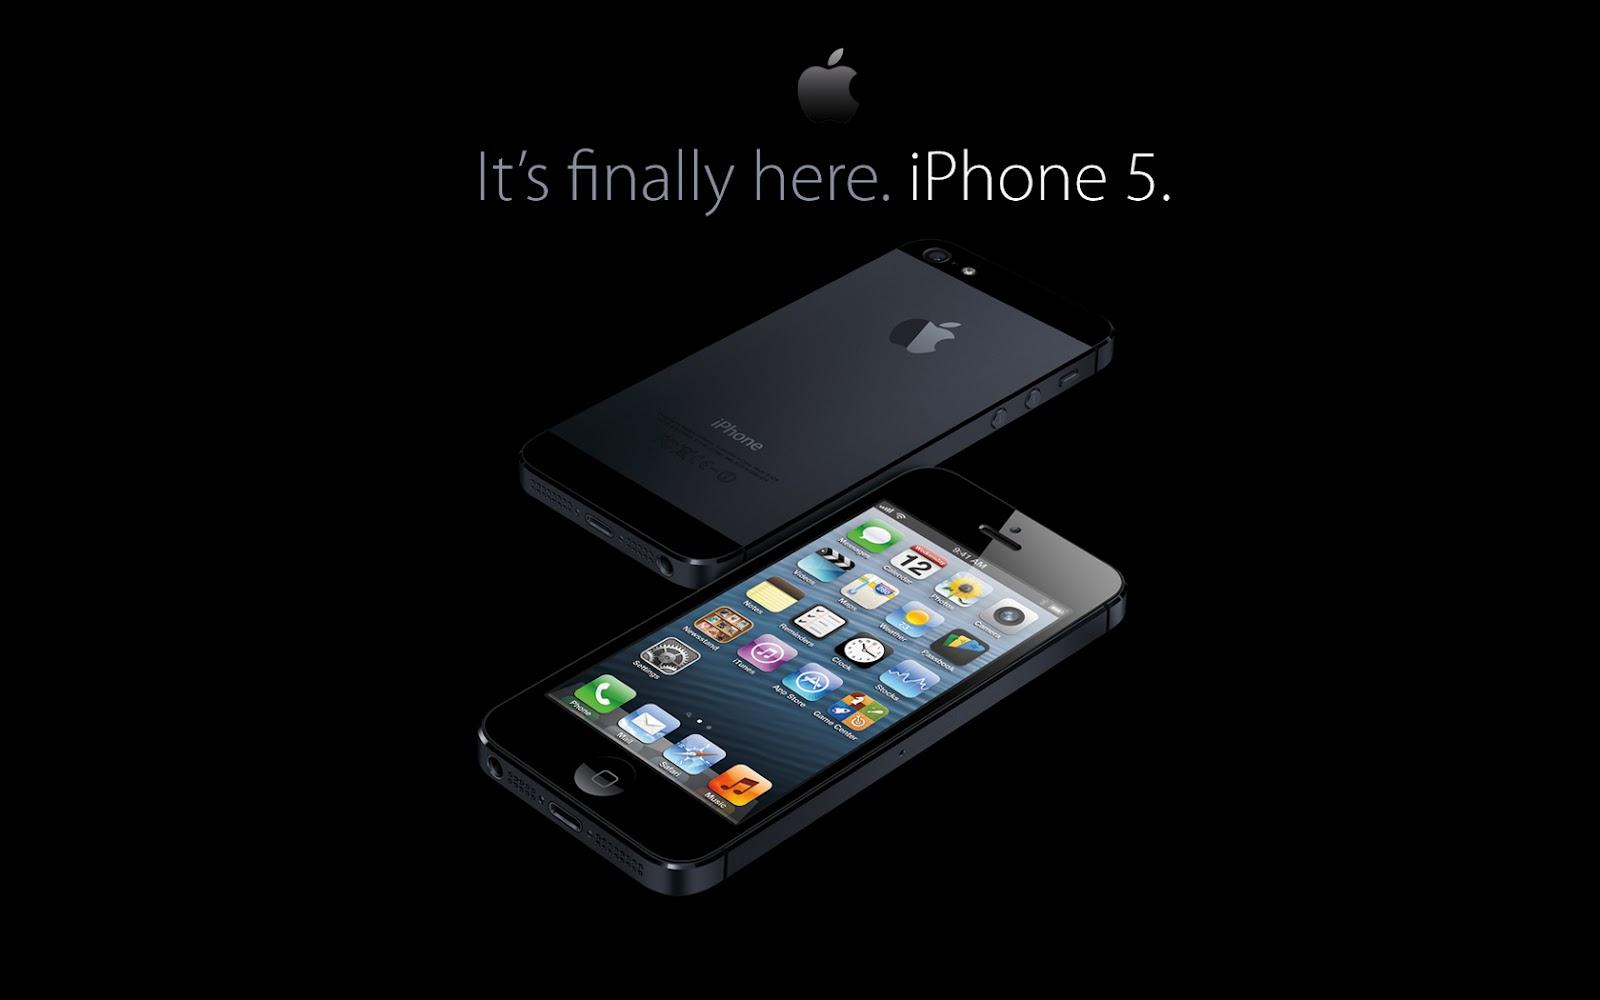 de langverwachte iPhone 5 van Apple is er HD zwart iPhone wallpaper 1600x1000